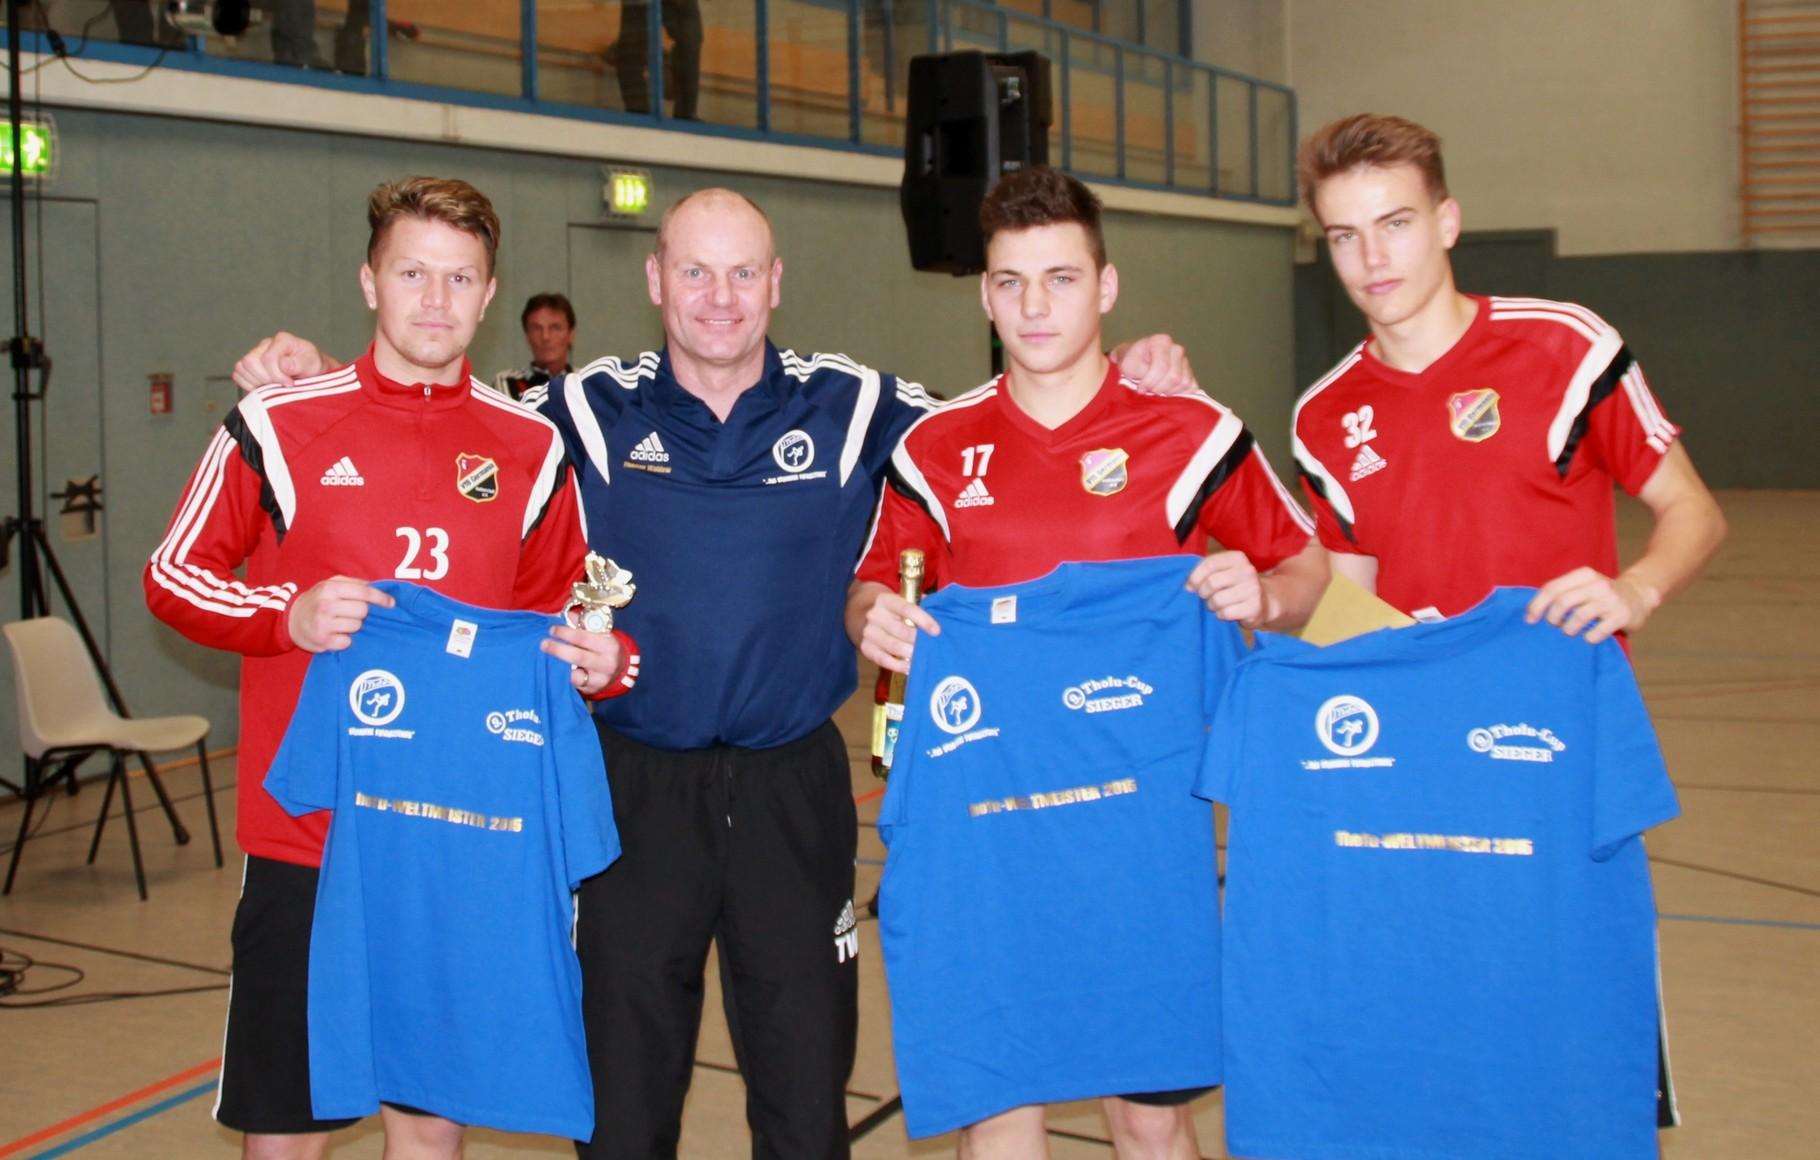 Siegerfoto: Jan - Christian Meier, Thomas Waldow (Trainer und Veranstalter), Danny Wersig, Fabian Guderitz (v.l.)